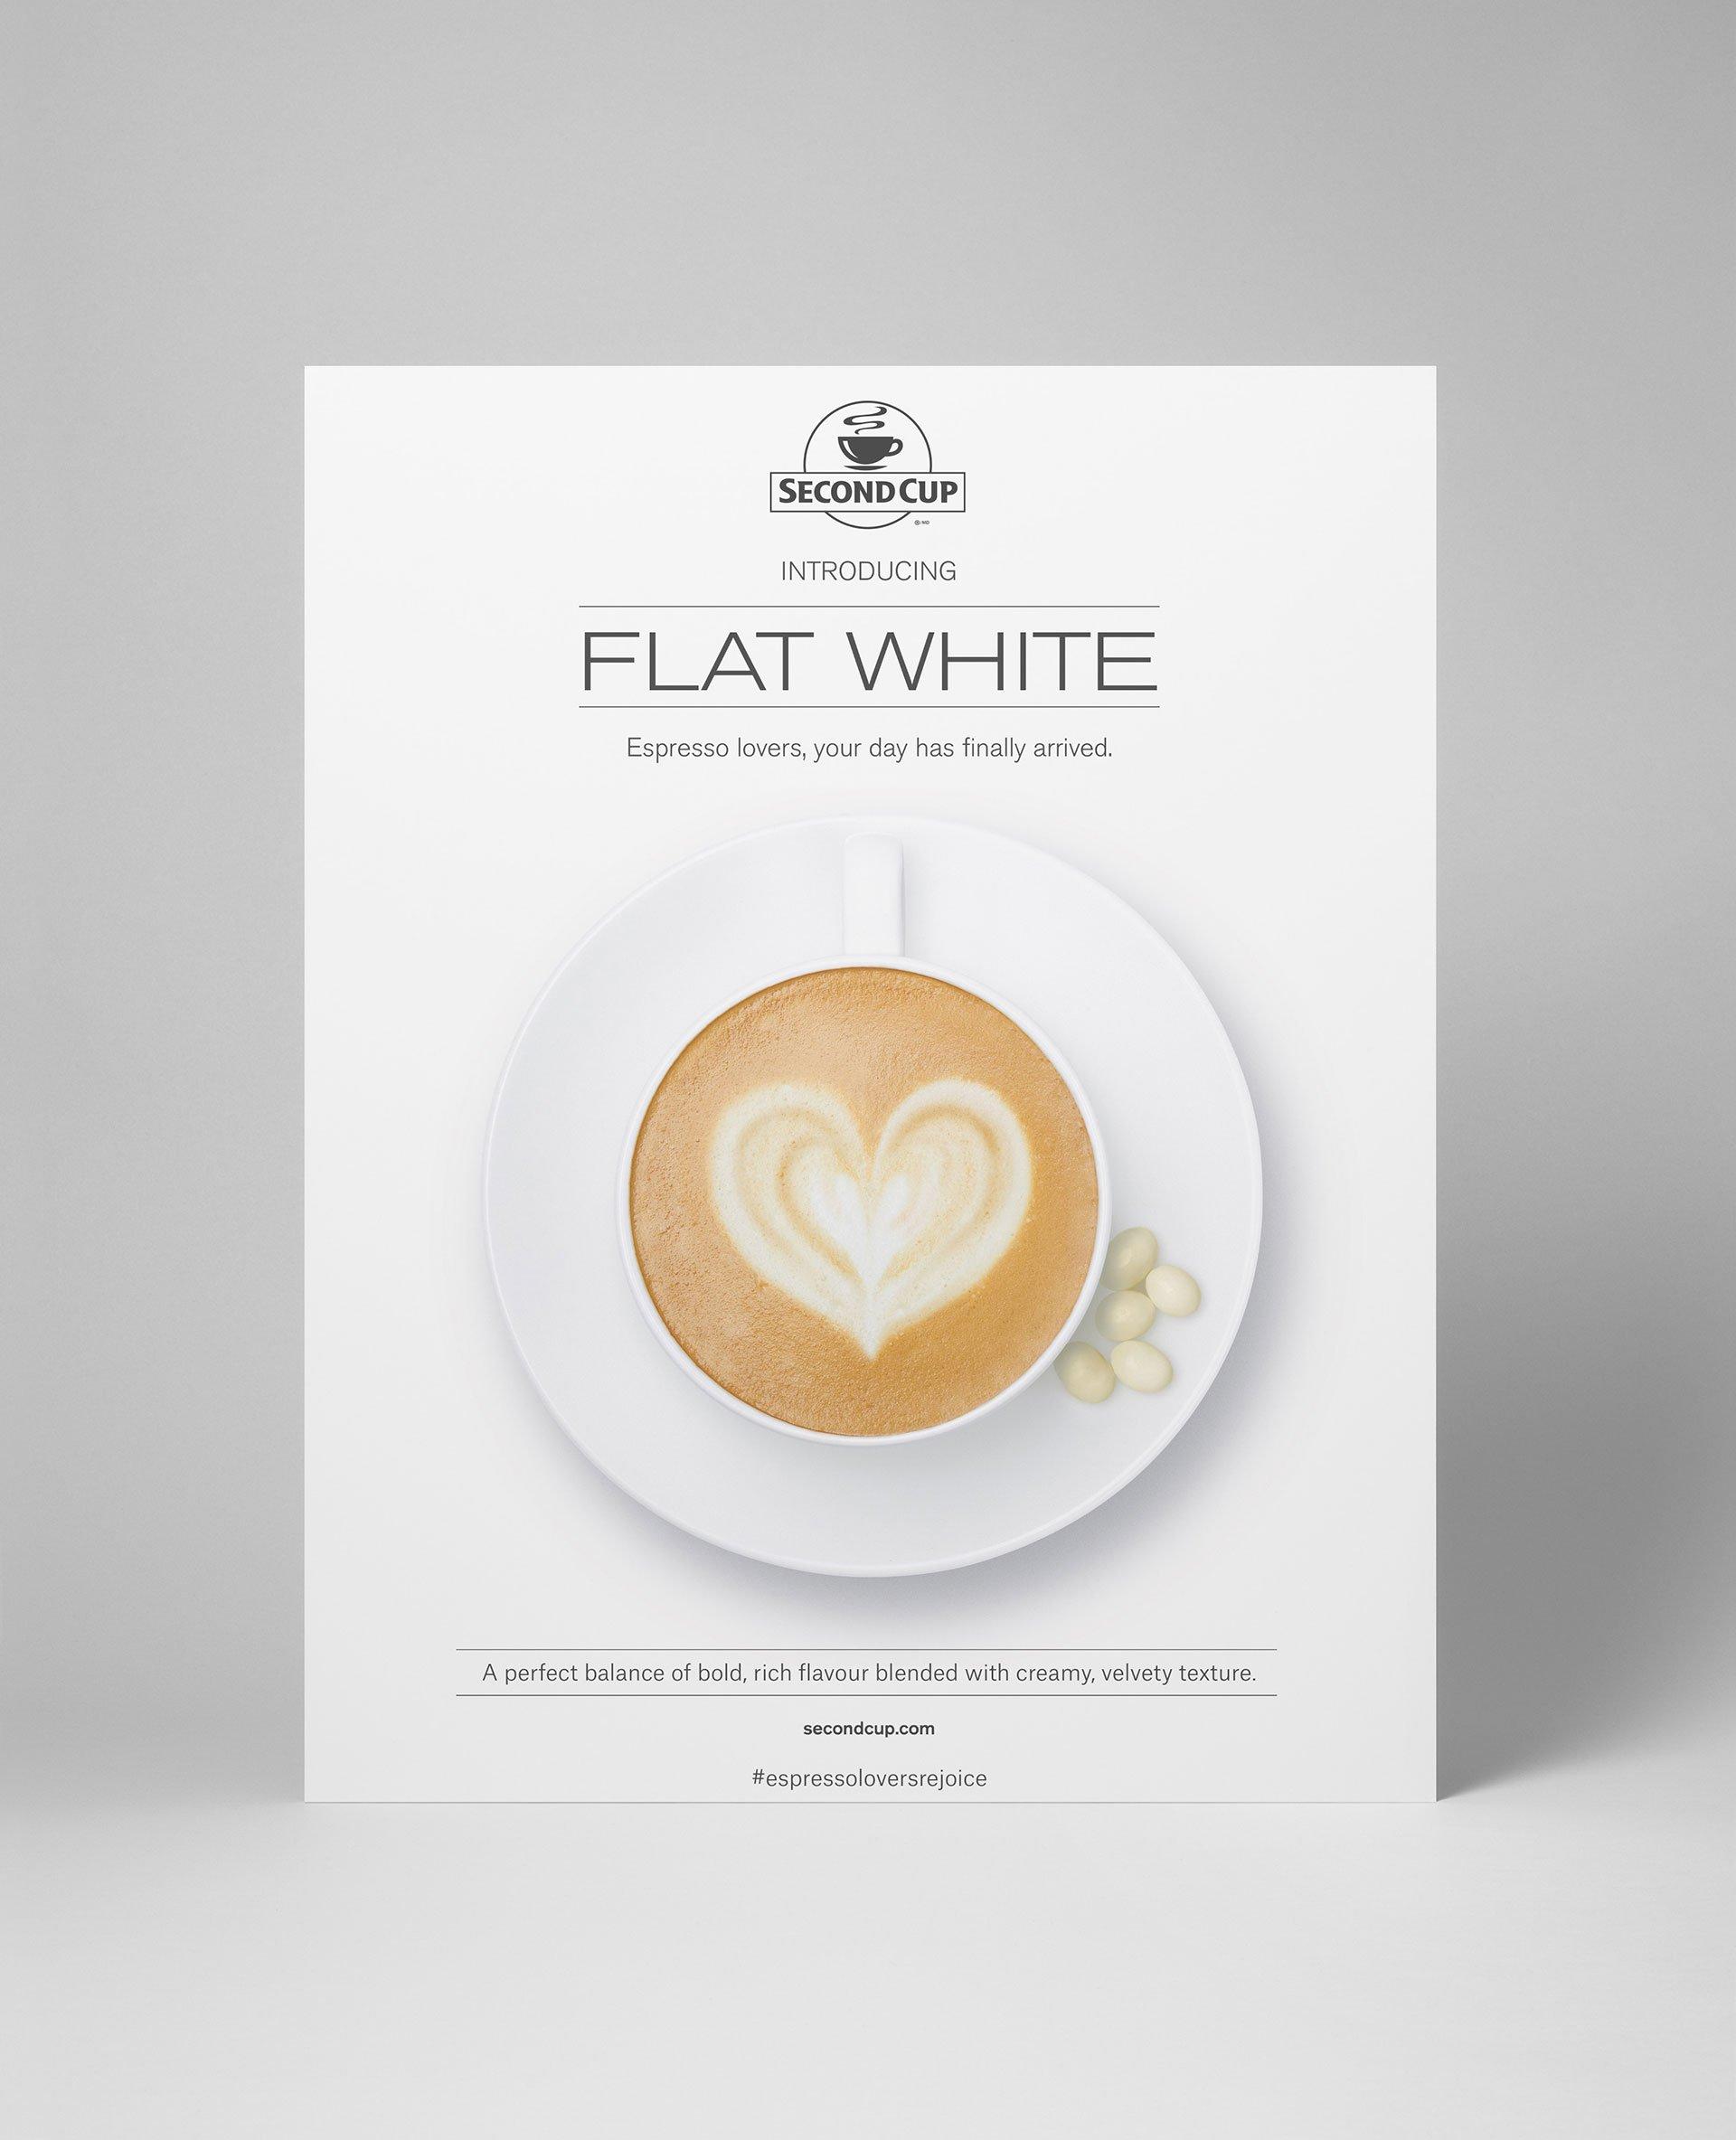 Flat White campaign ad